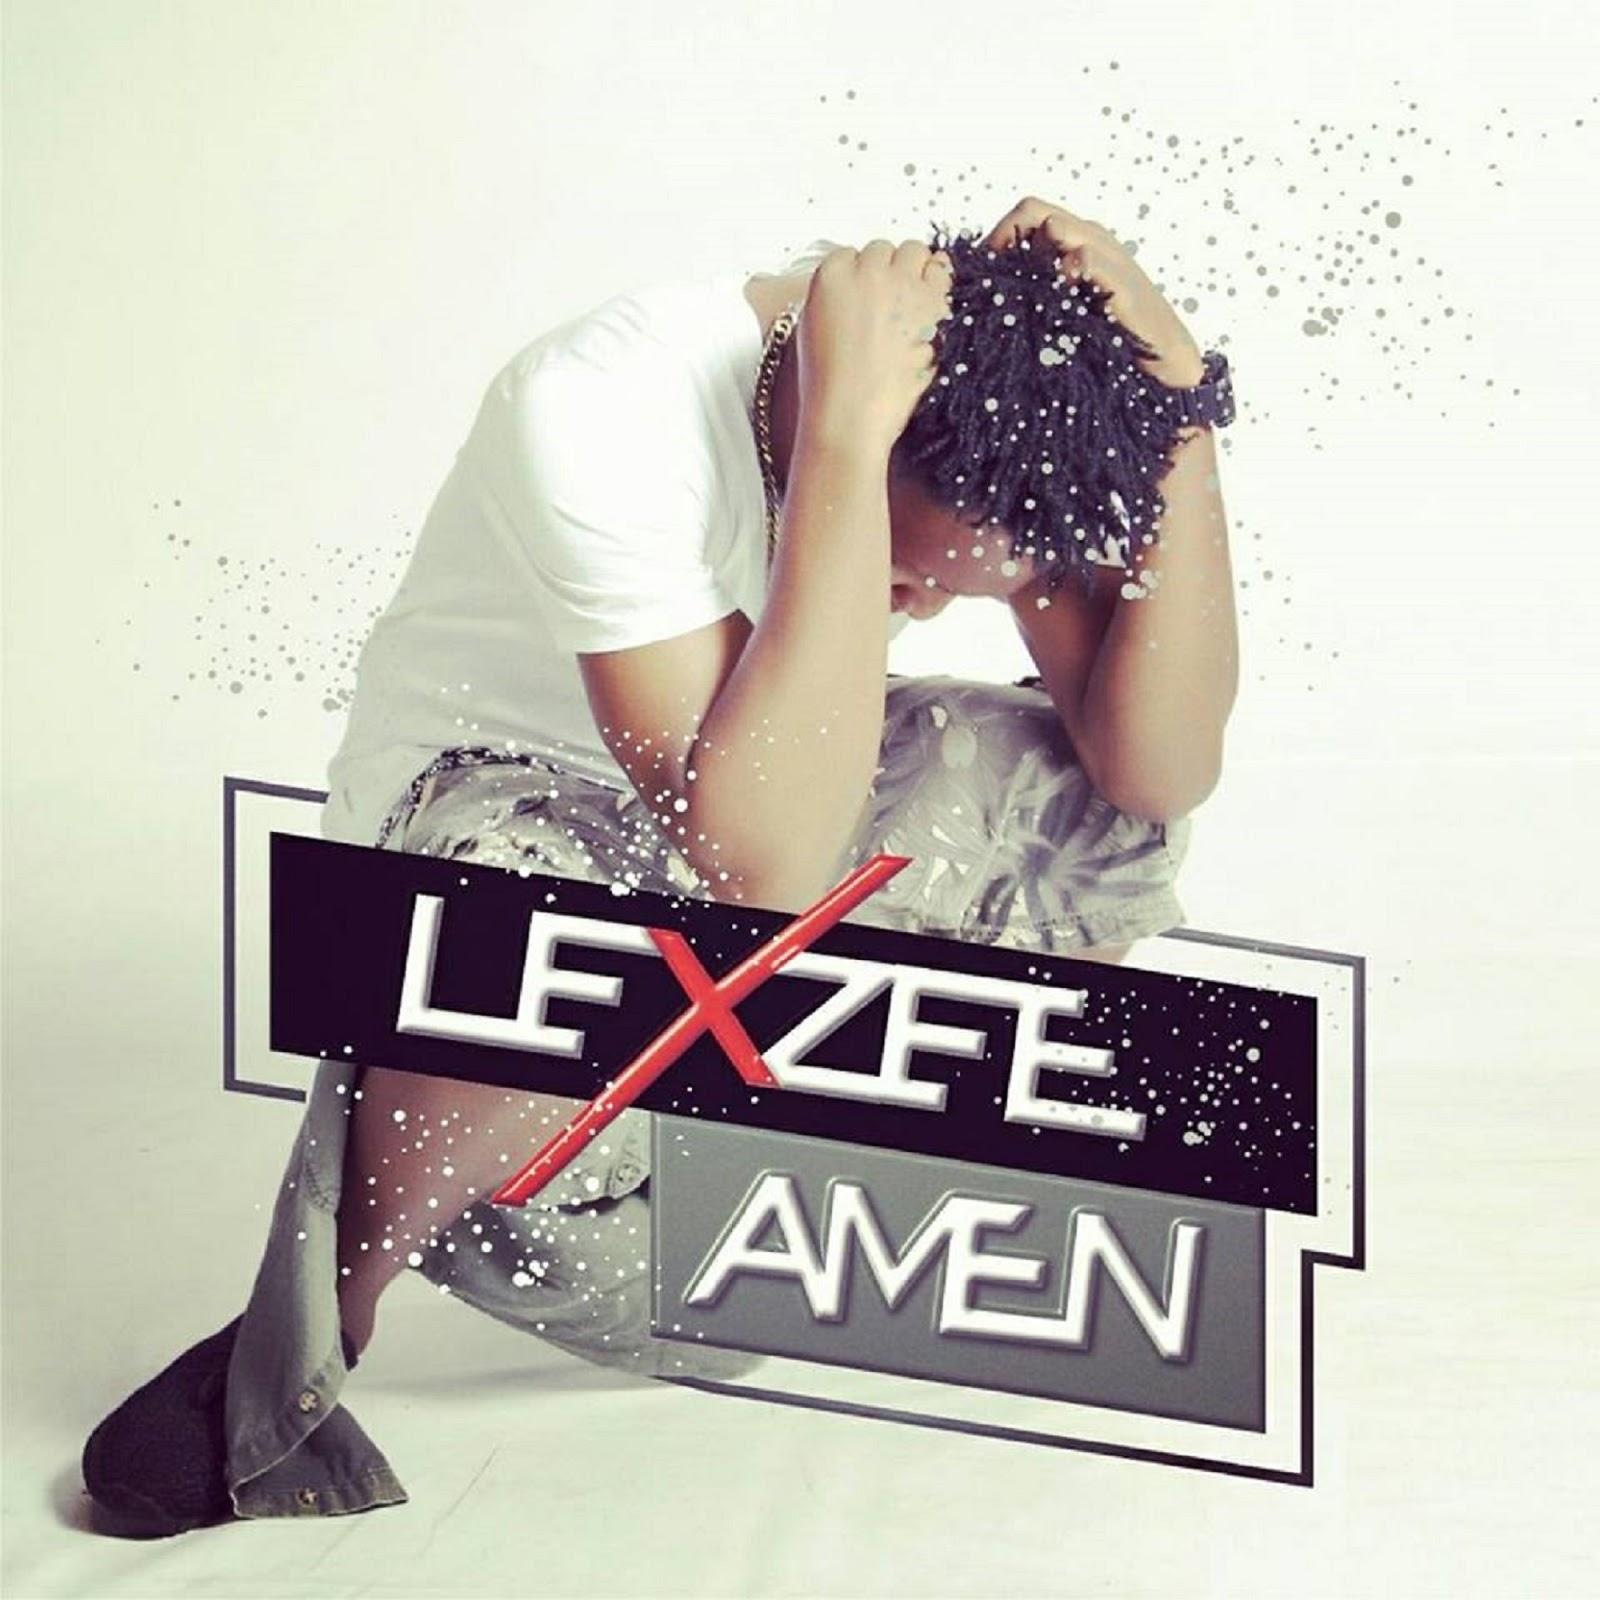 Amen by Lexzee